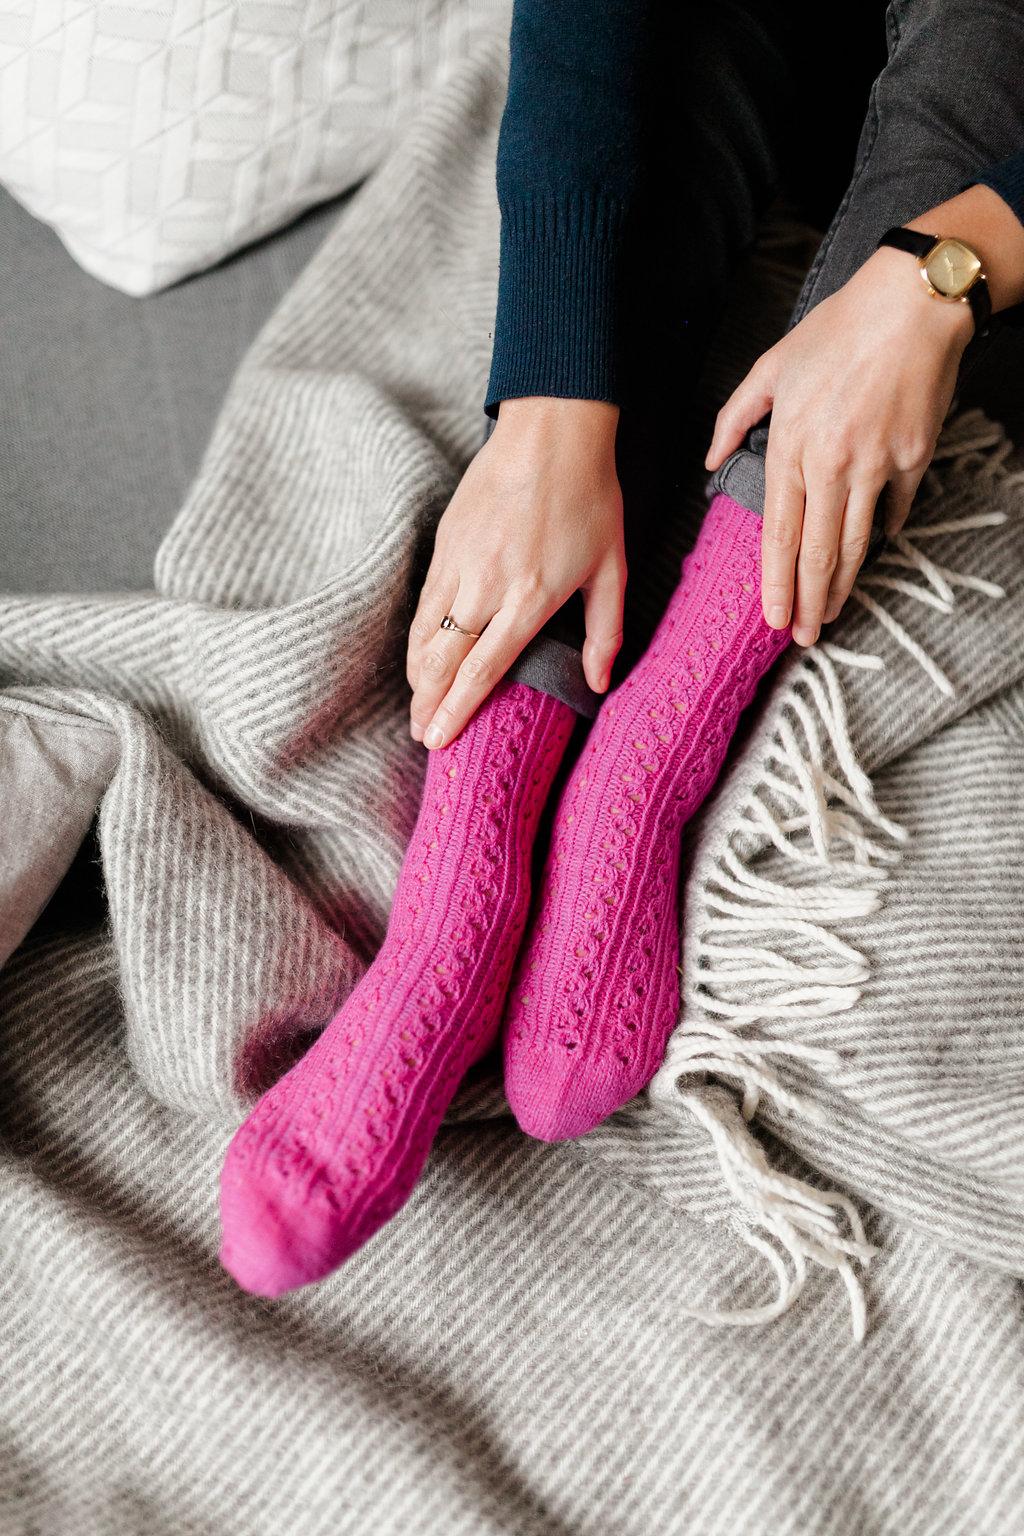 180113-socks-39.jpg